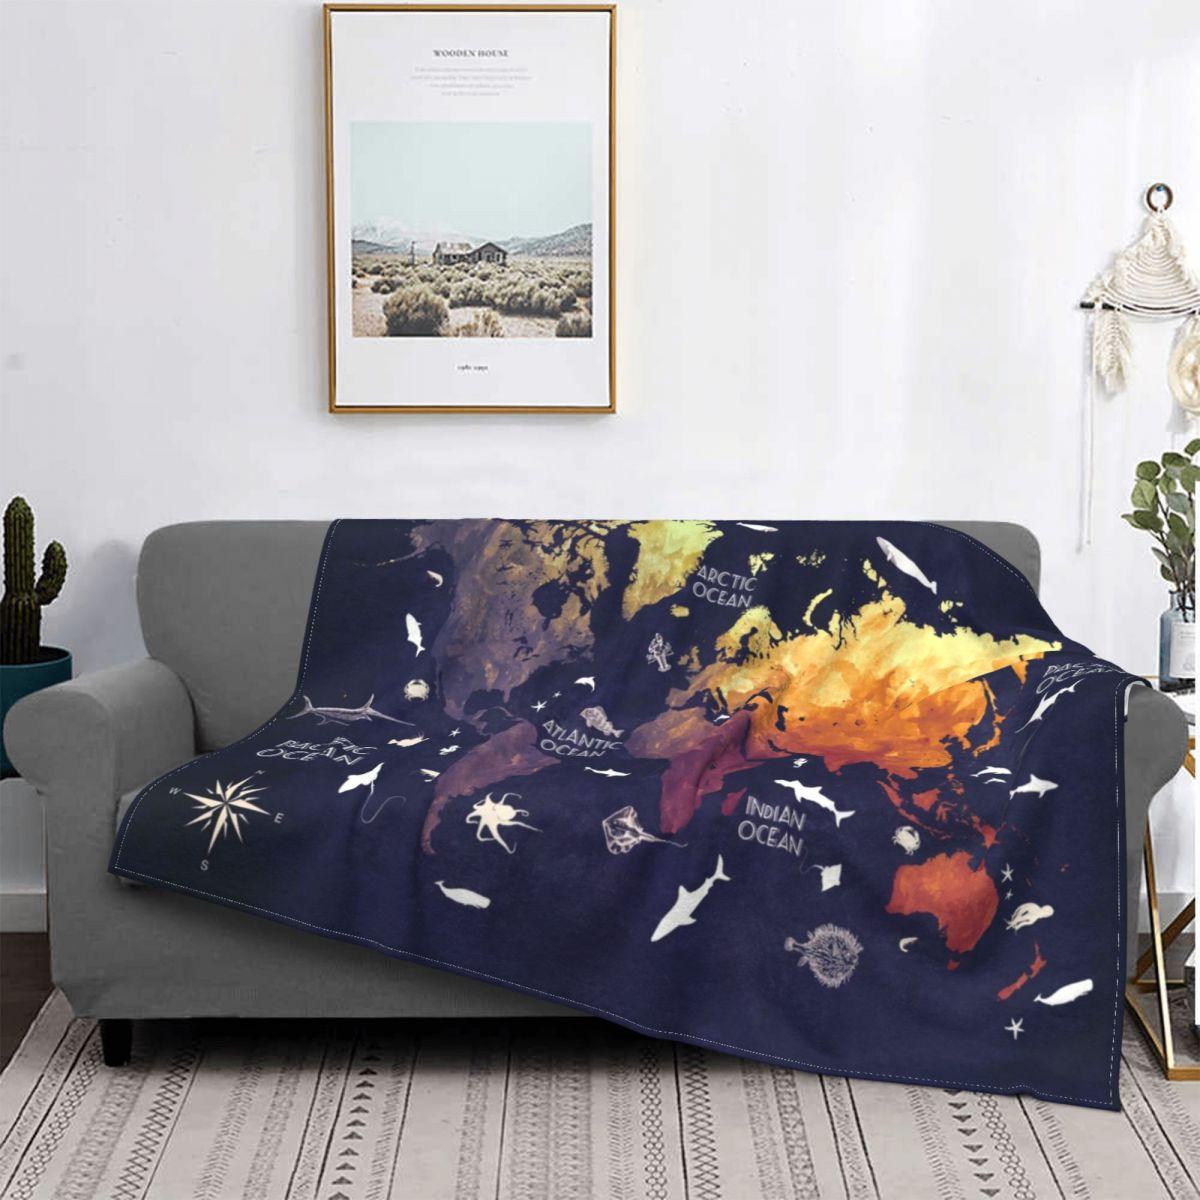 خريطة العالم البطانيات الفانيلا المطبوعة أطلس الملونة المحمولة سوبر الدافئة رمي البطانيات للنوم الأريكة البساط قطعة